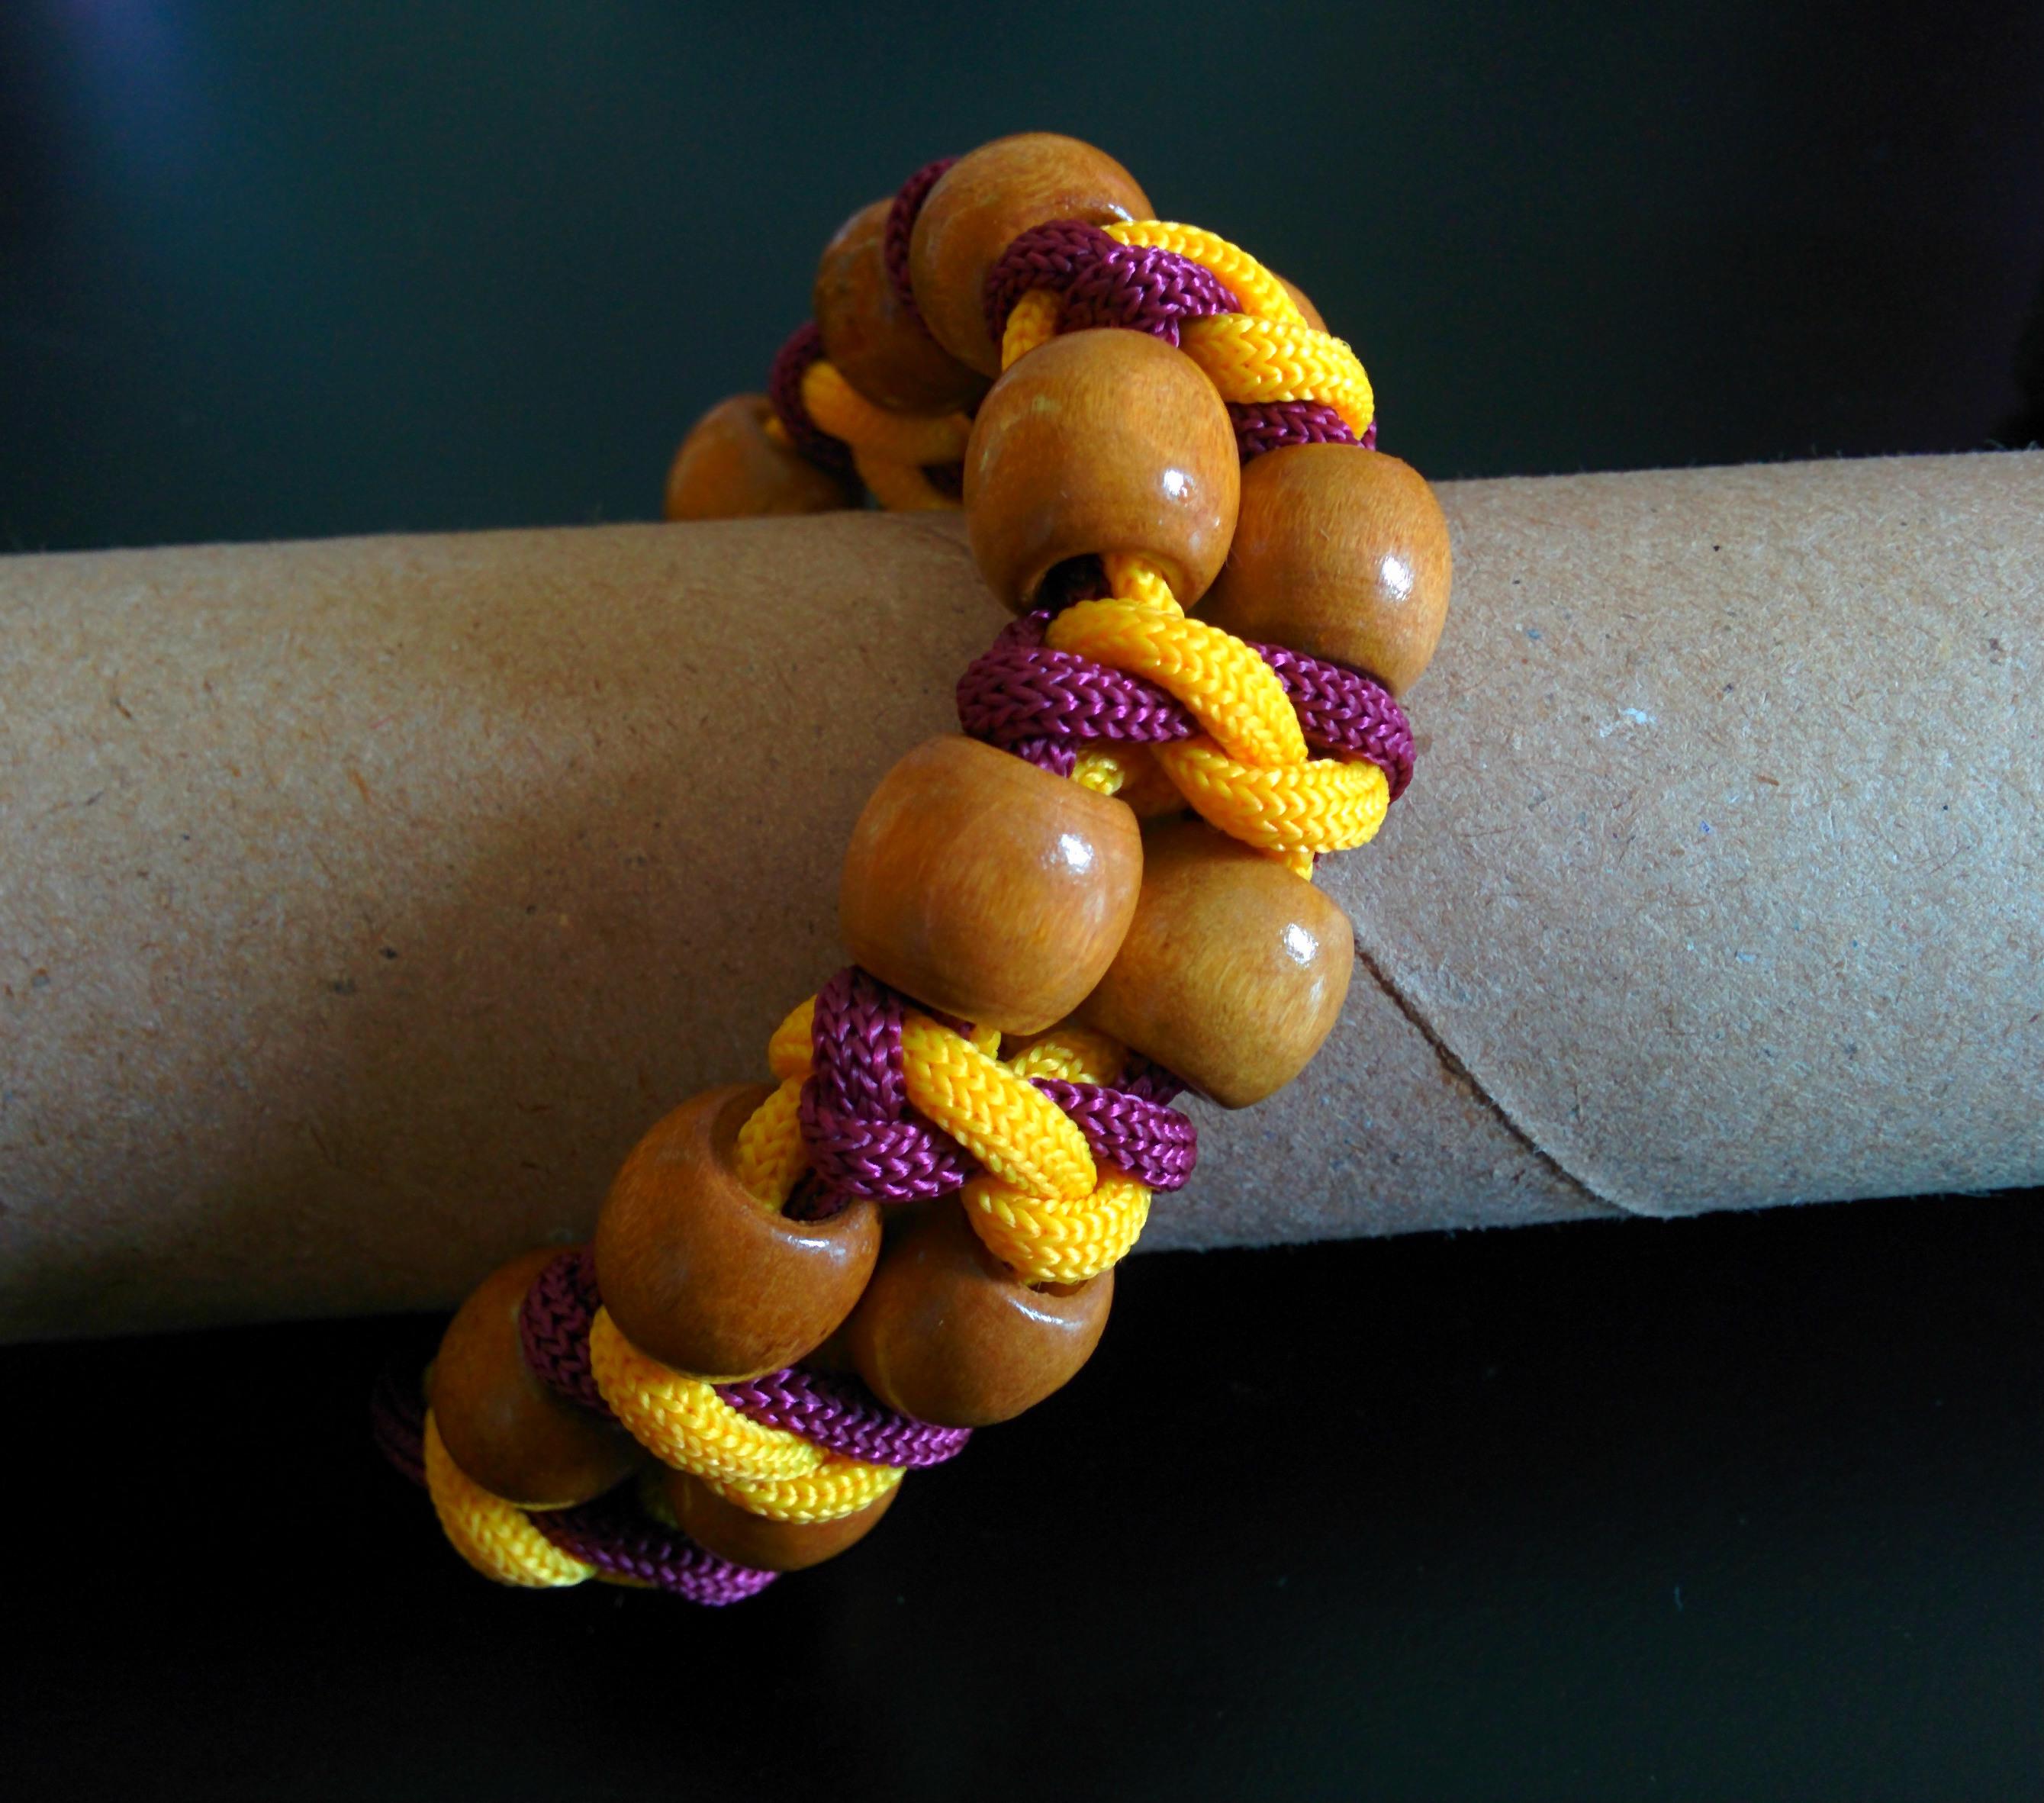 Unique paracord bracelet with wooden beads